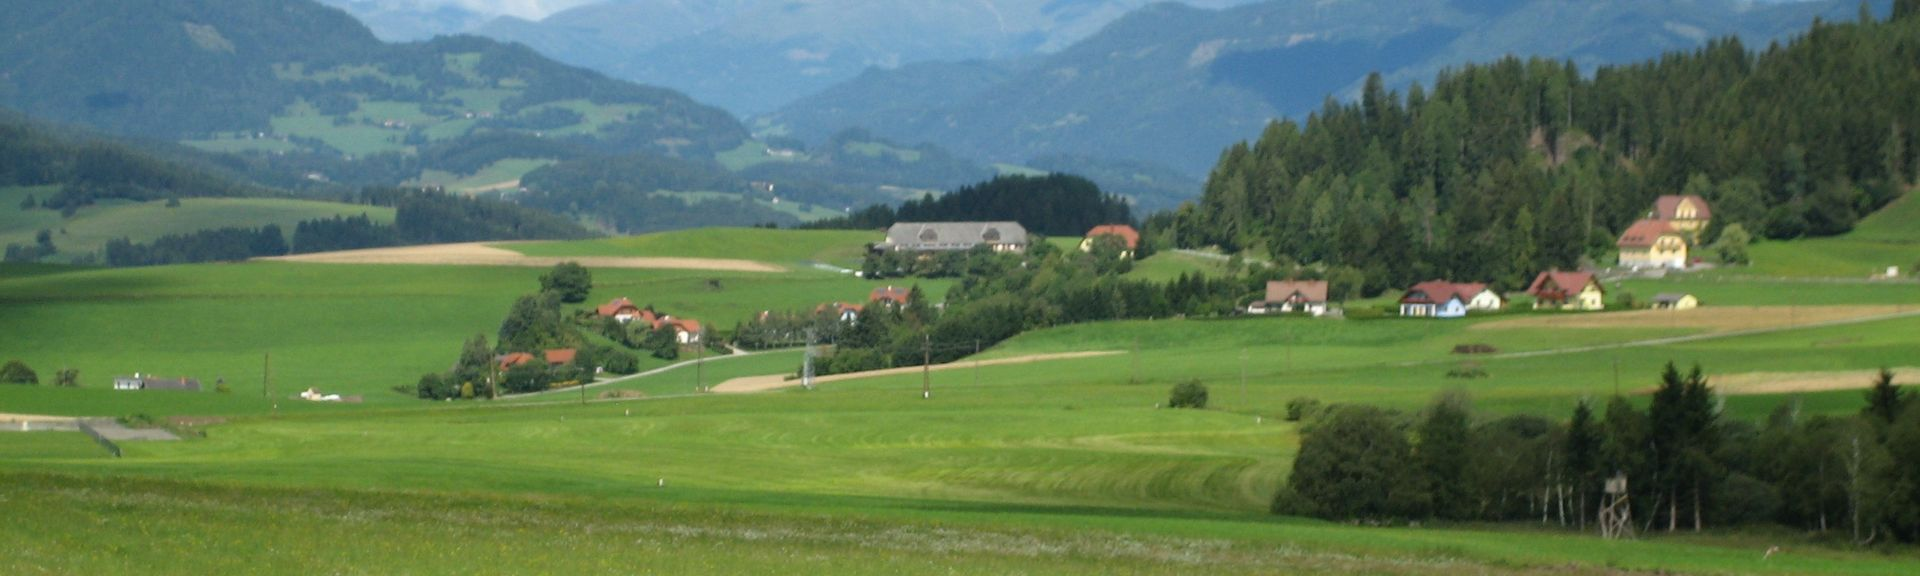 Eppenstein, Styrie, Autriche